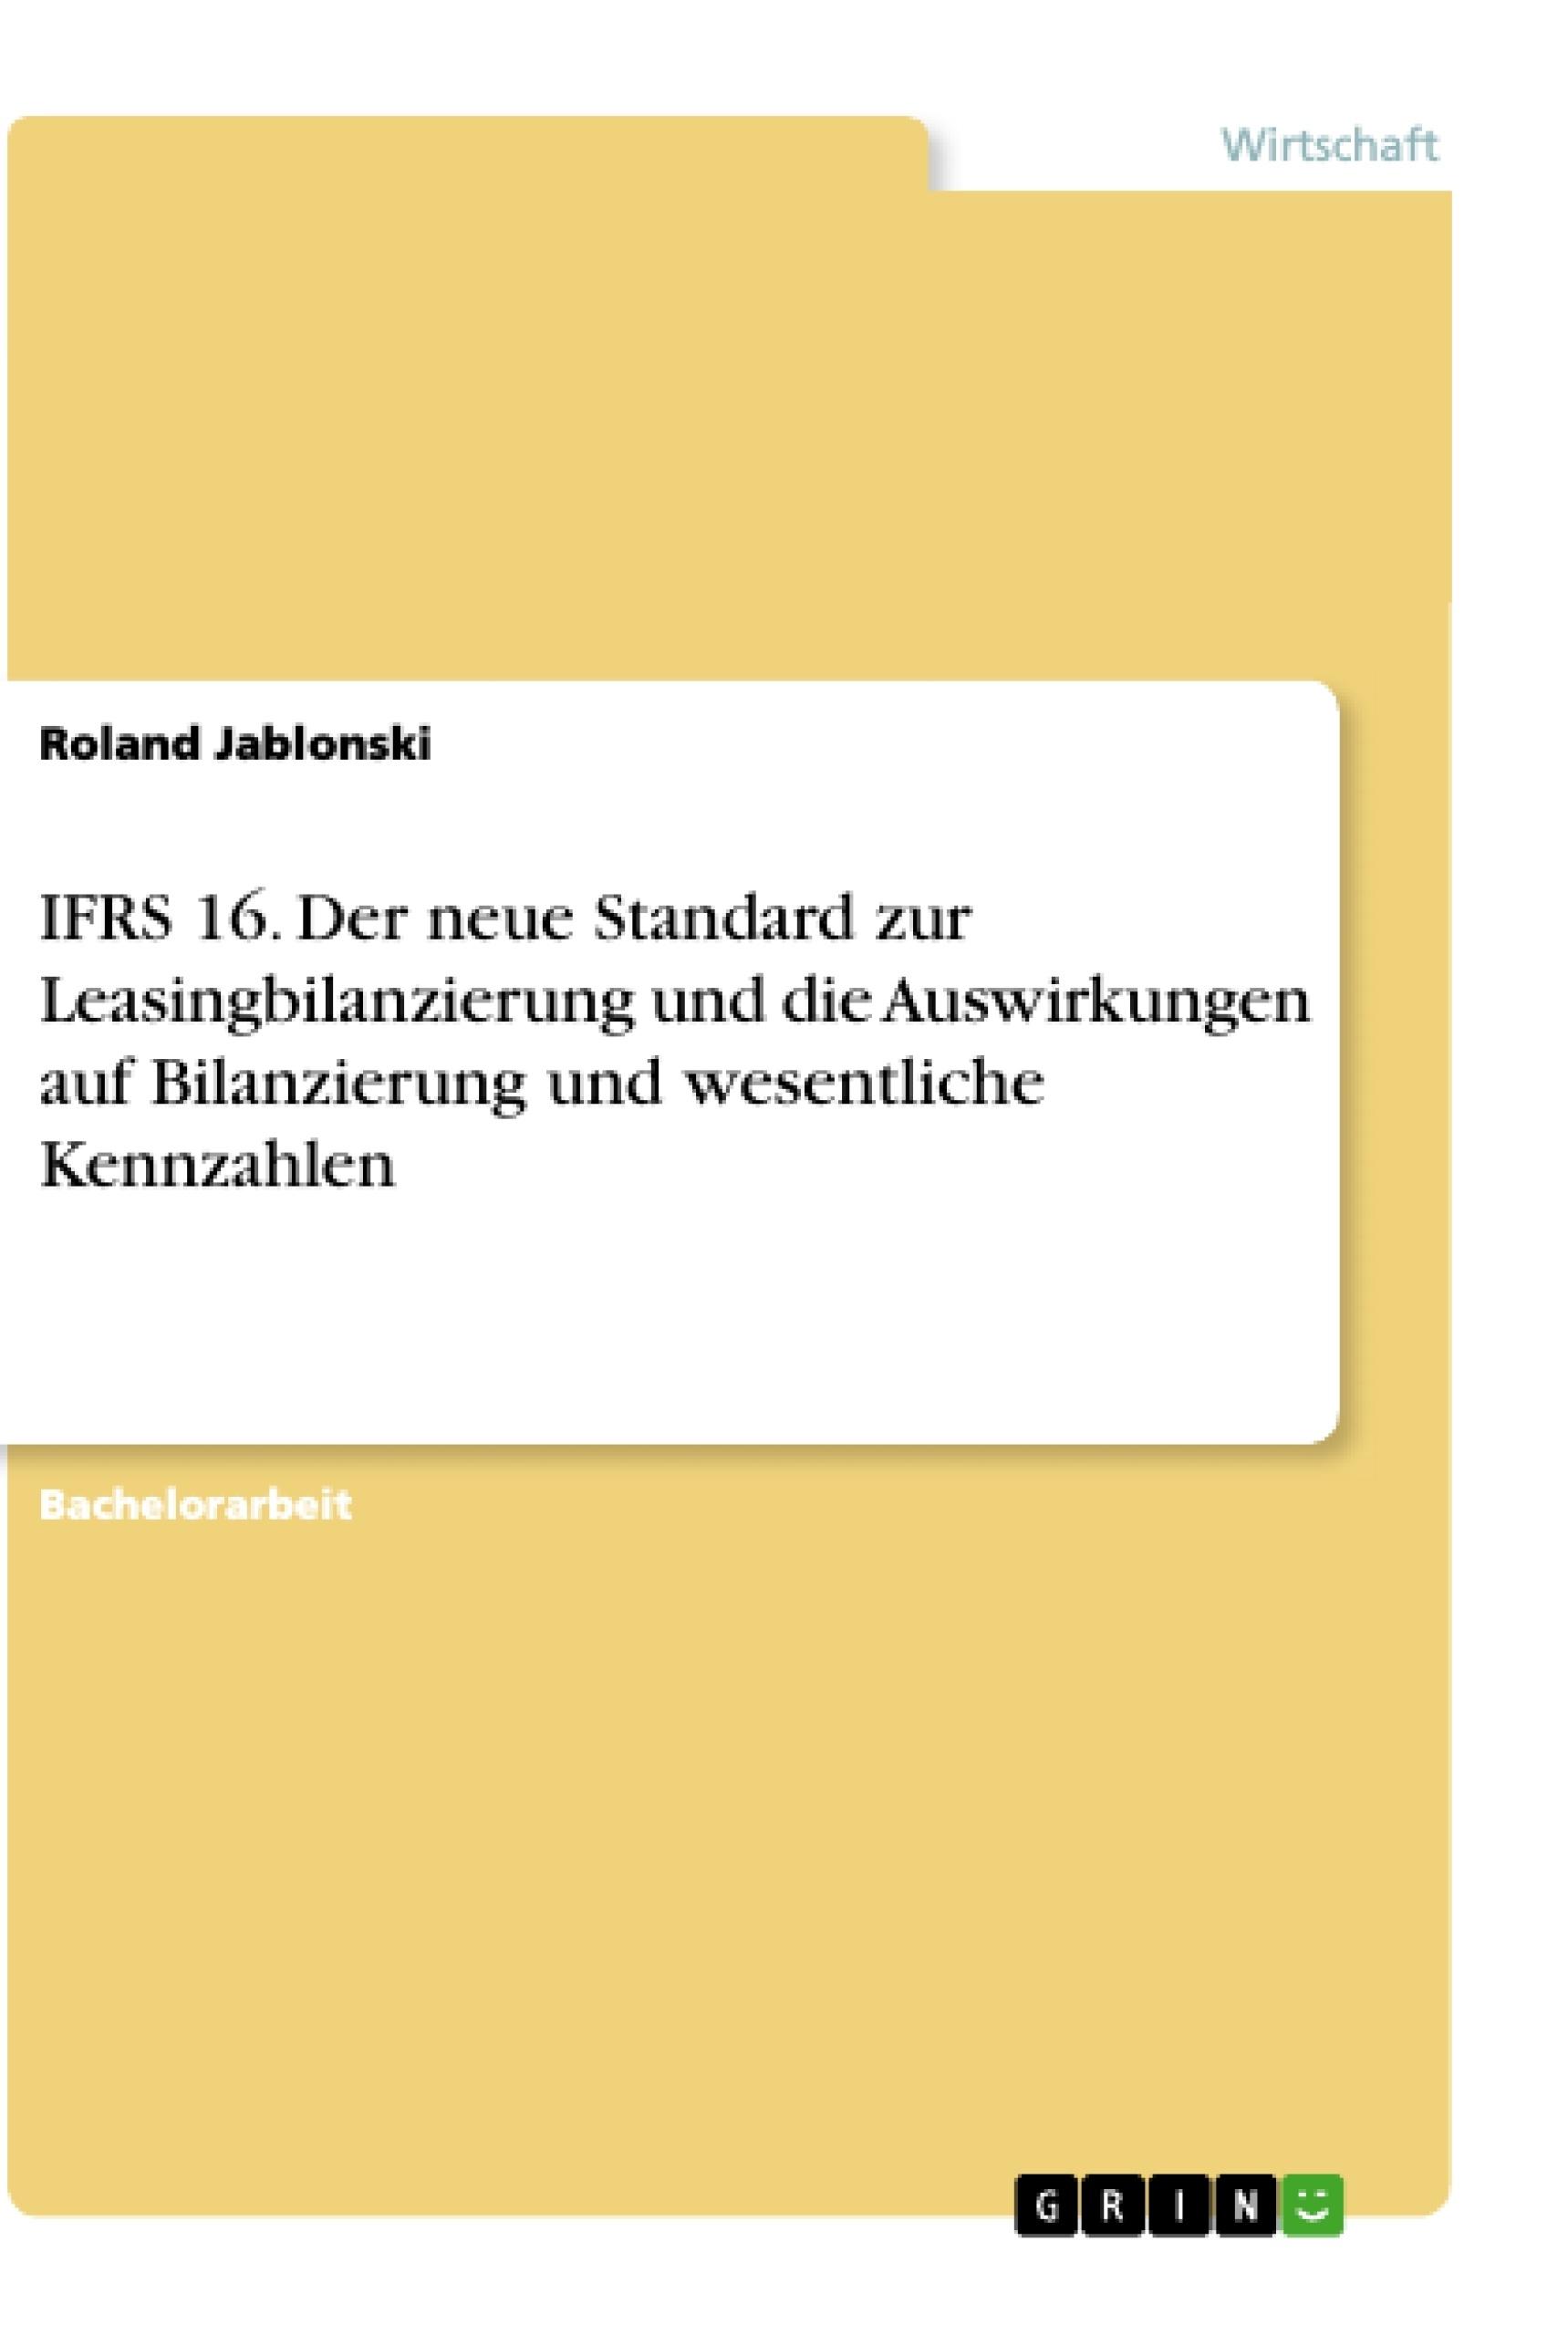 Titel: IFRS 16. Der neue Standard zur Leasingbilanzierung und die Auswirkungen auf Bilanzierung und wesentliche Kennzahlen